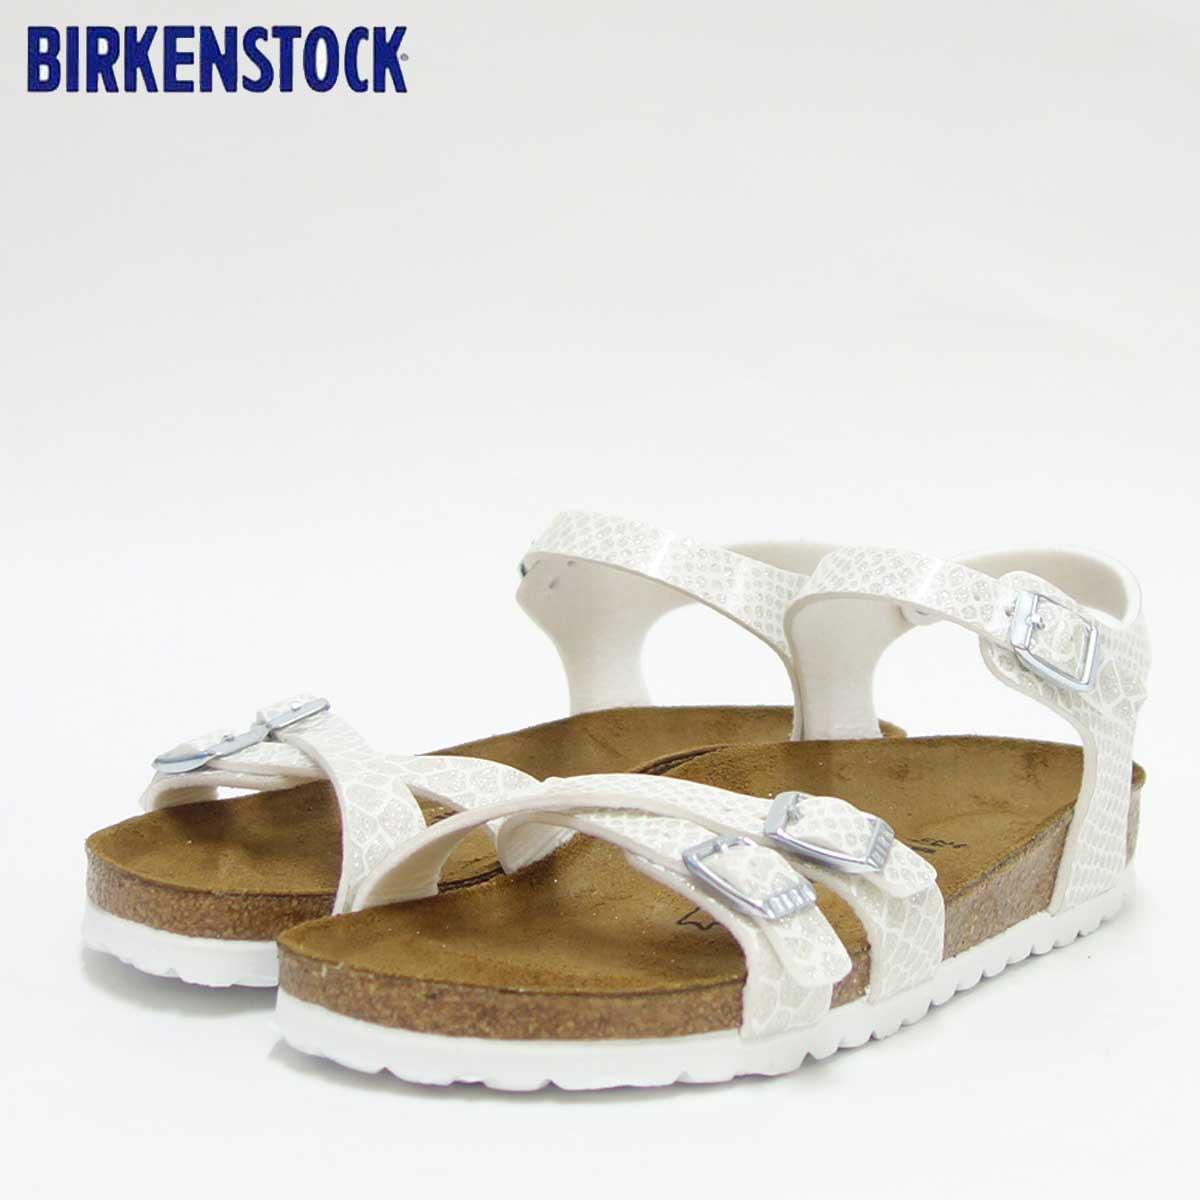 BIRKENSTOCK ビルケンシュトック KUMBA(クンバ)GC 1009138 マジックスネークホワイト(レディース)「正規輸入品」ドイツ生まれの快適サンダル「靴」